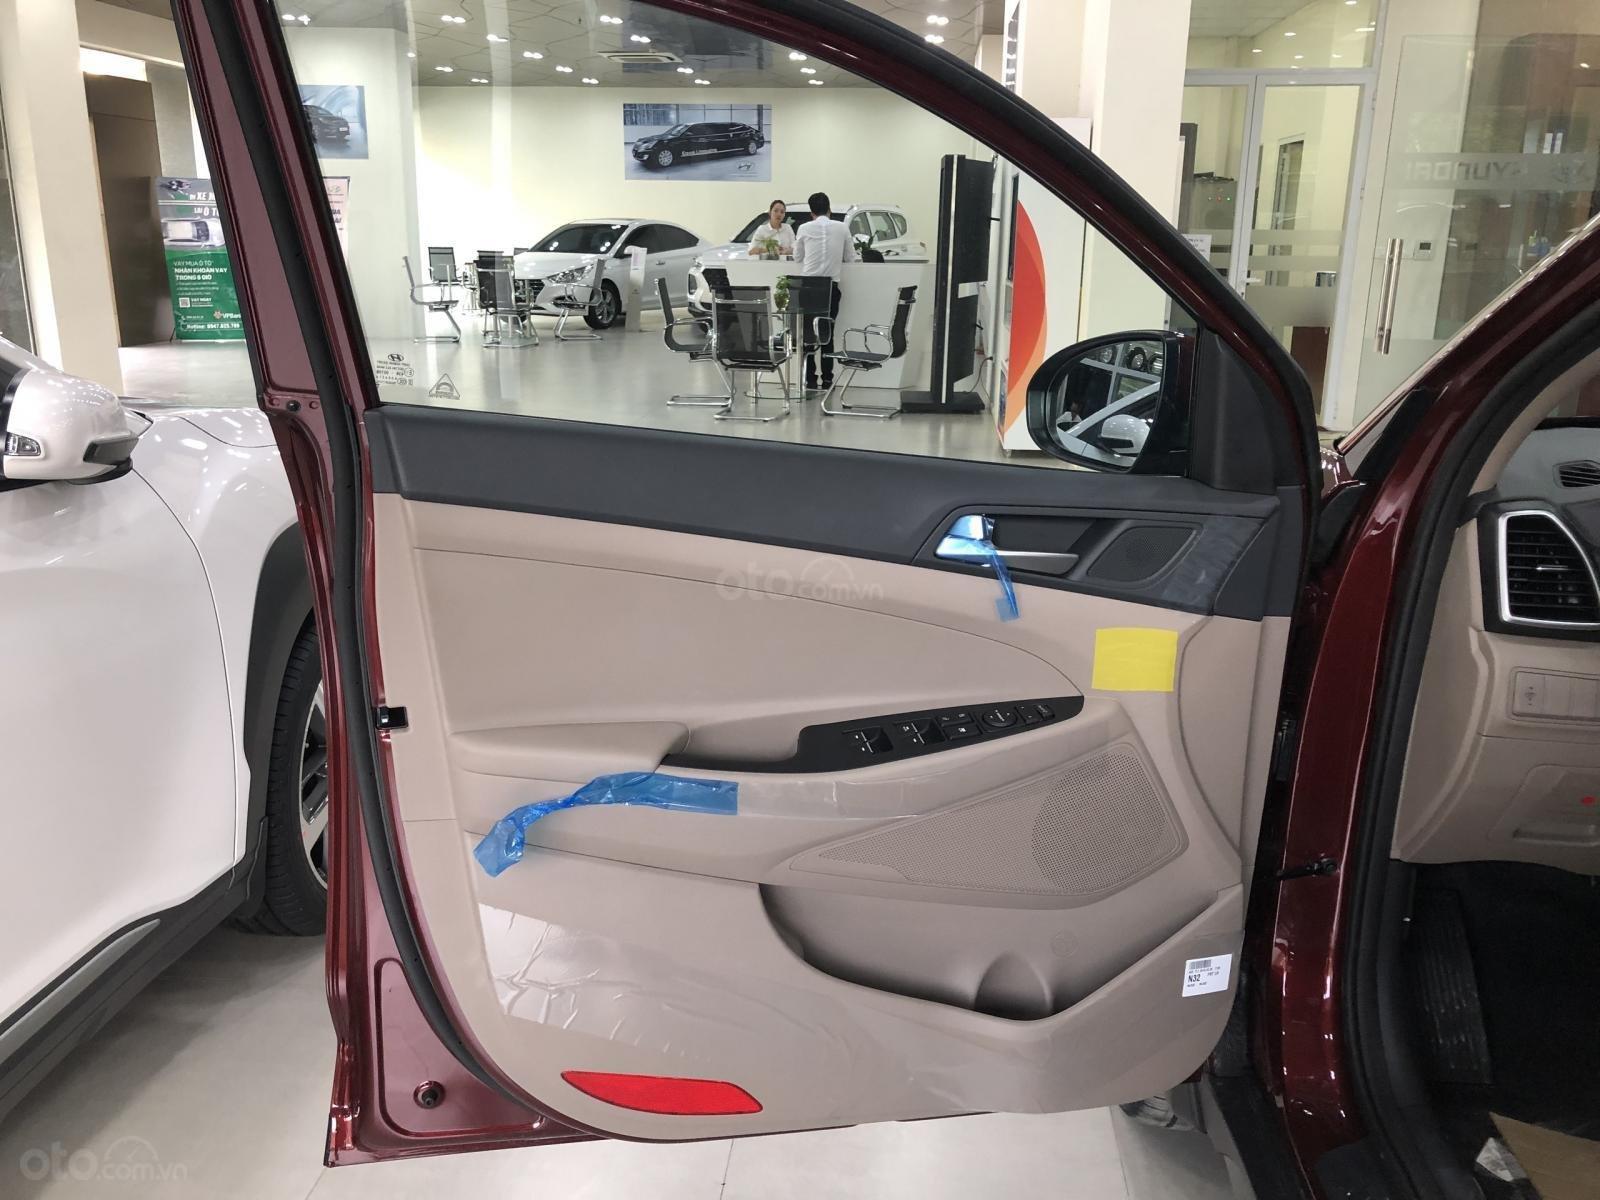 Hyundai Tucson 1.6 Turbo model 2019 - Đủ màu giao ngay - Gói KM lên tới 20 triệu - Ms Lan 0919929923-9